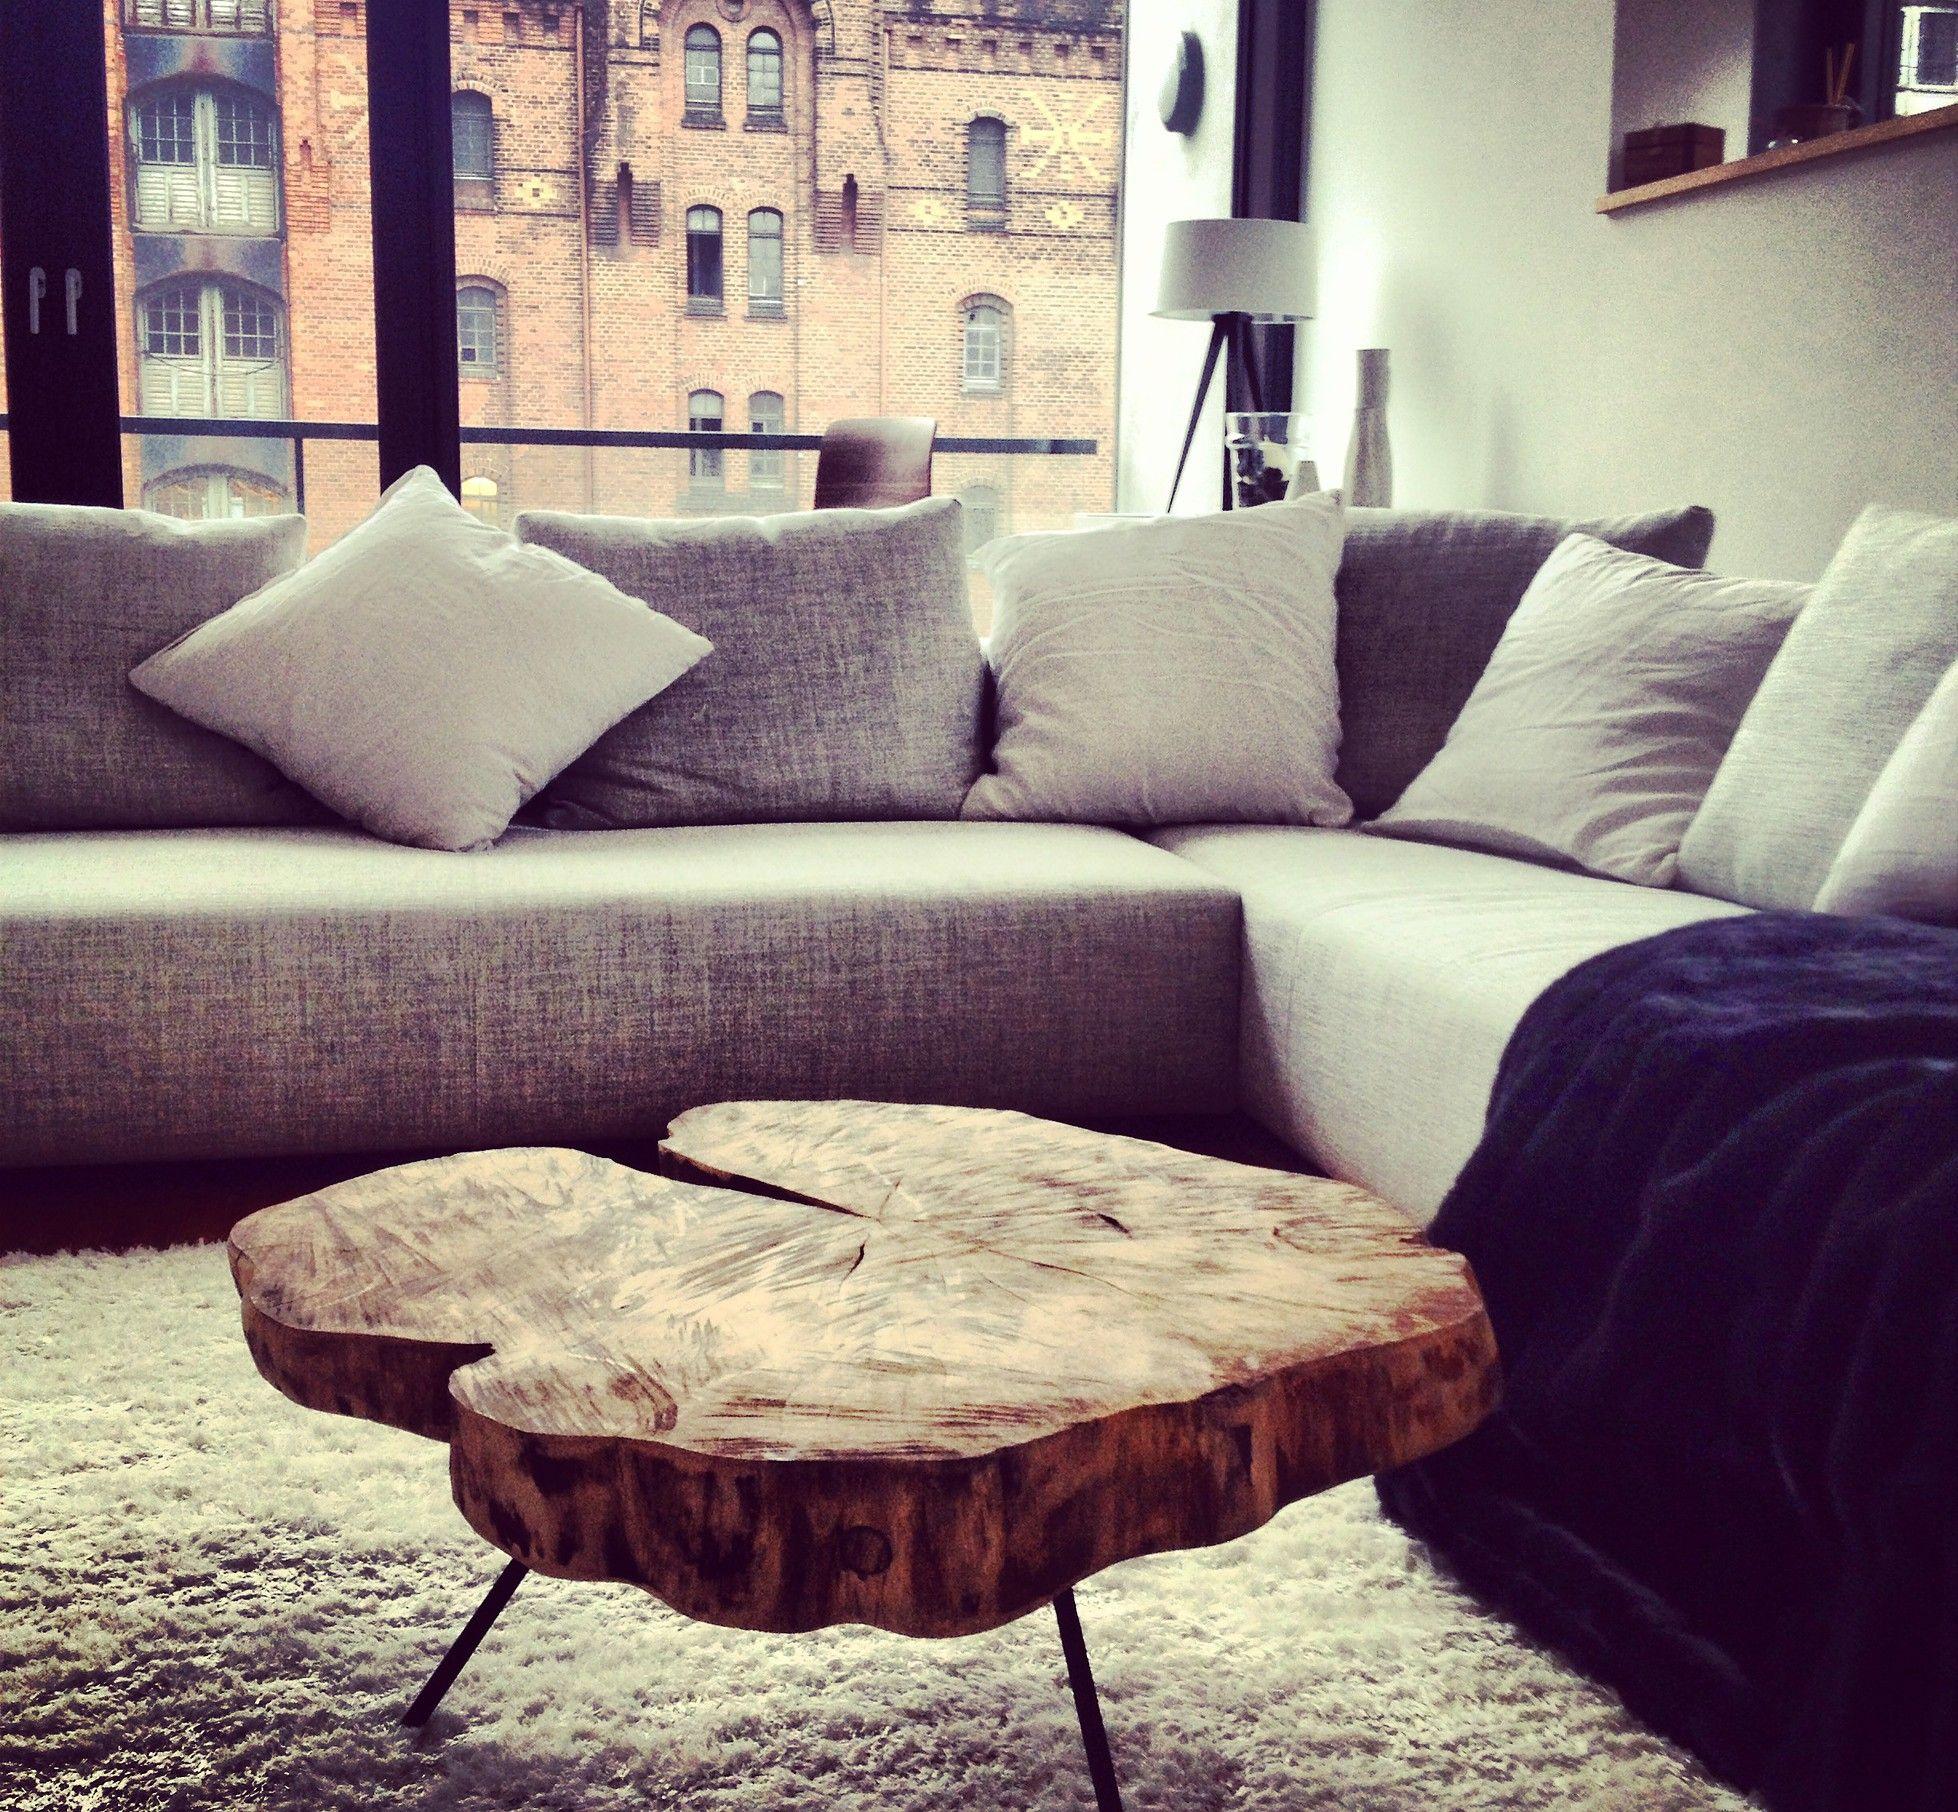 Couchtisch holz rustikal  Couchtisch Holztisch massiv auf Maß, Baumscheibentisch ...